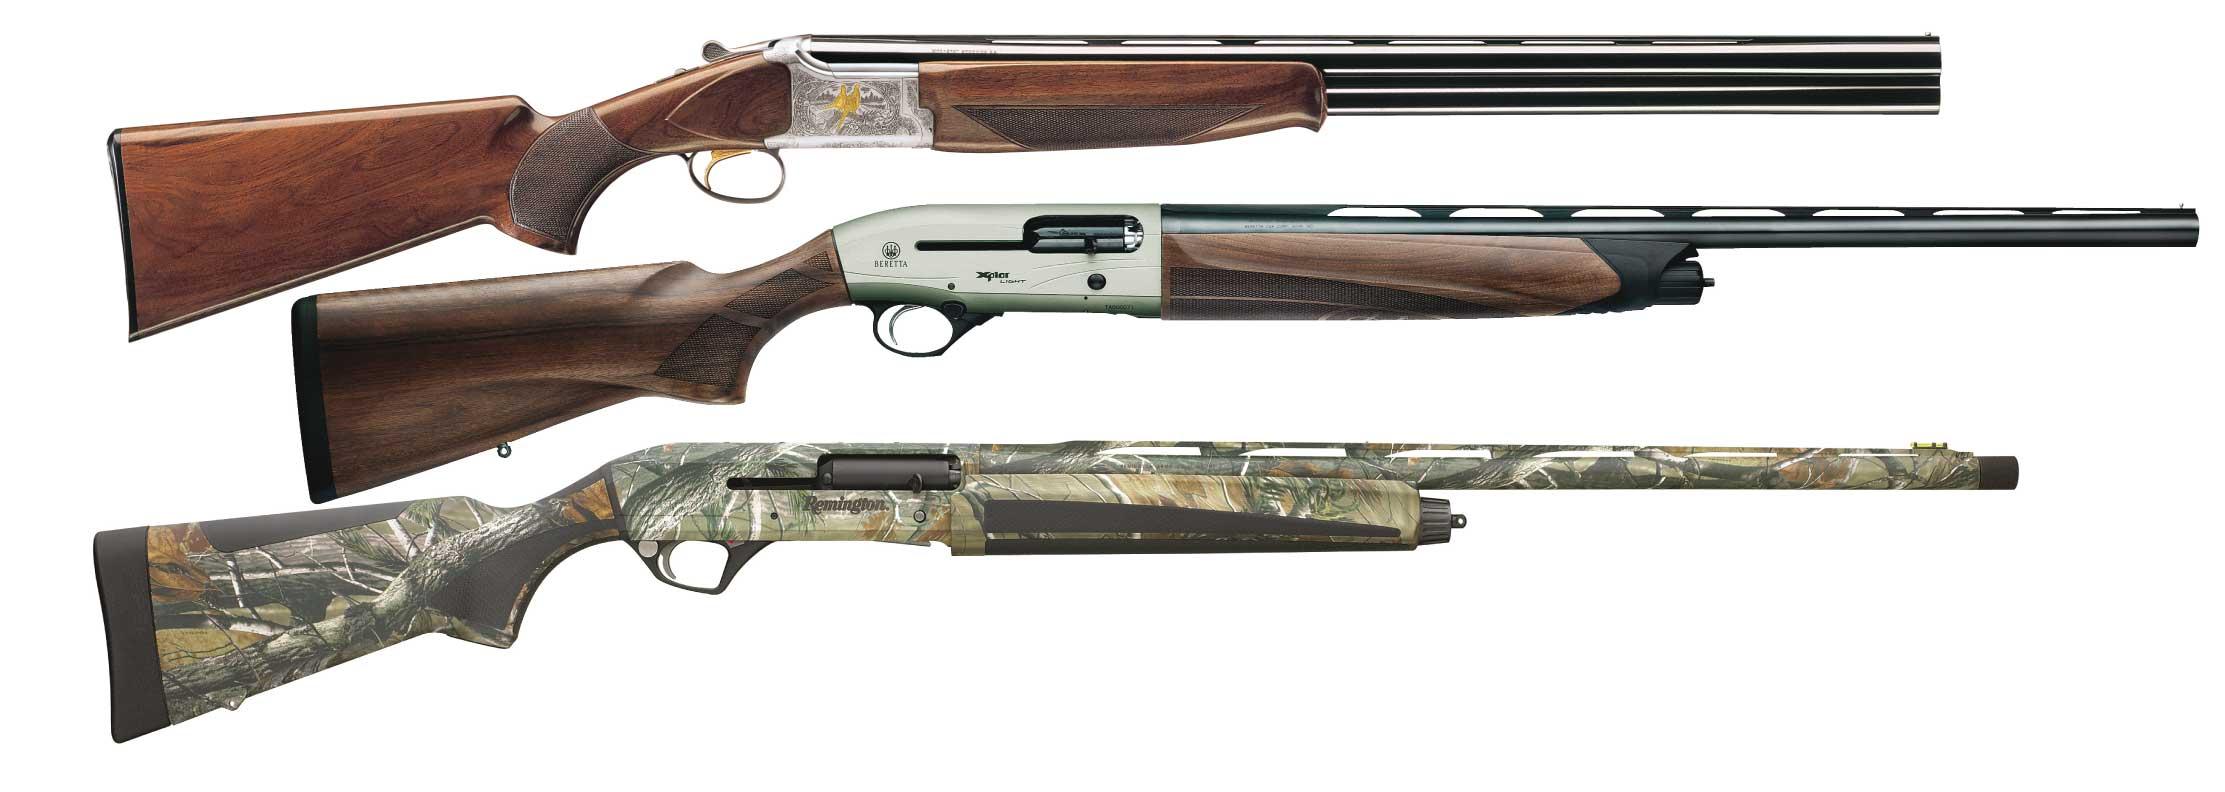 armas-media-veda-varias-escopetas